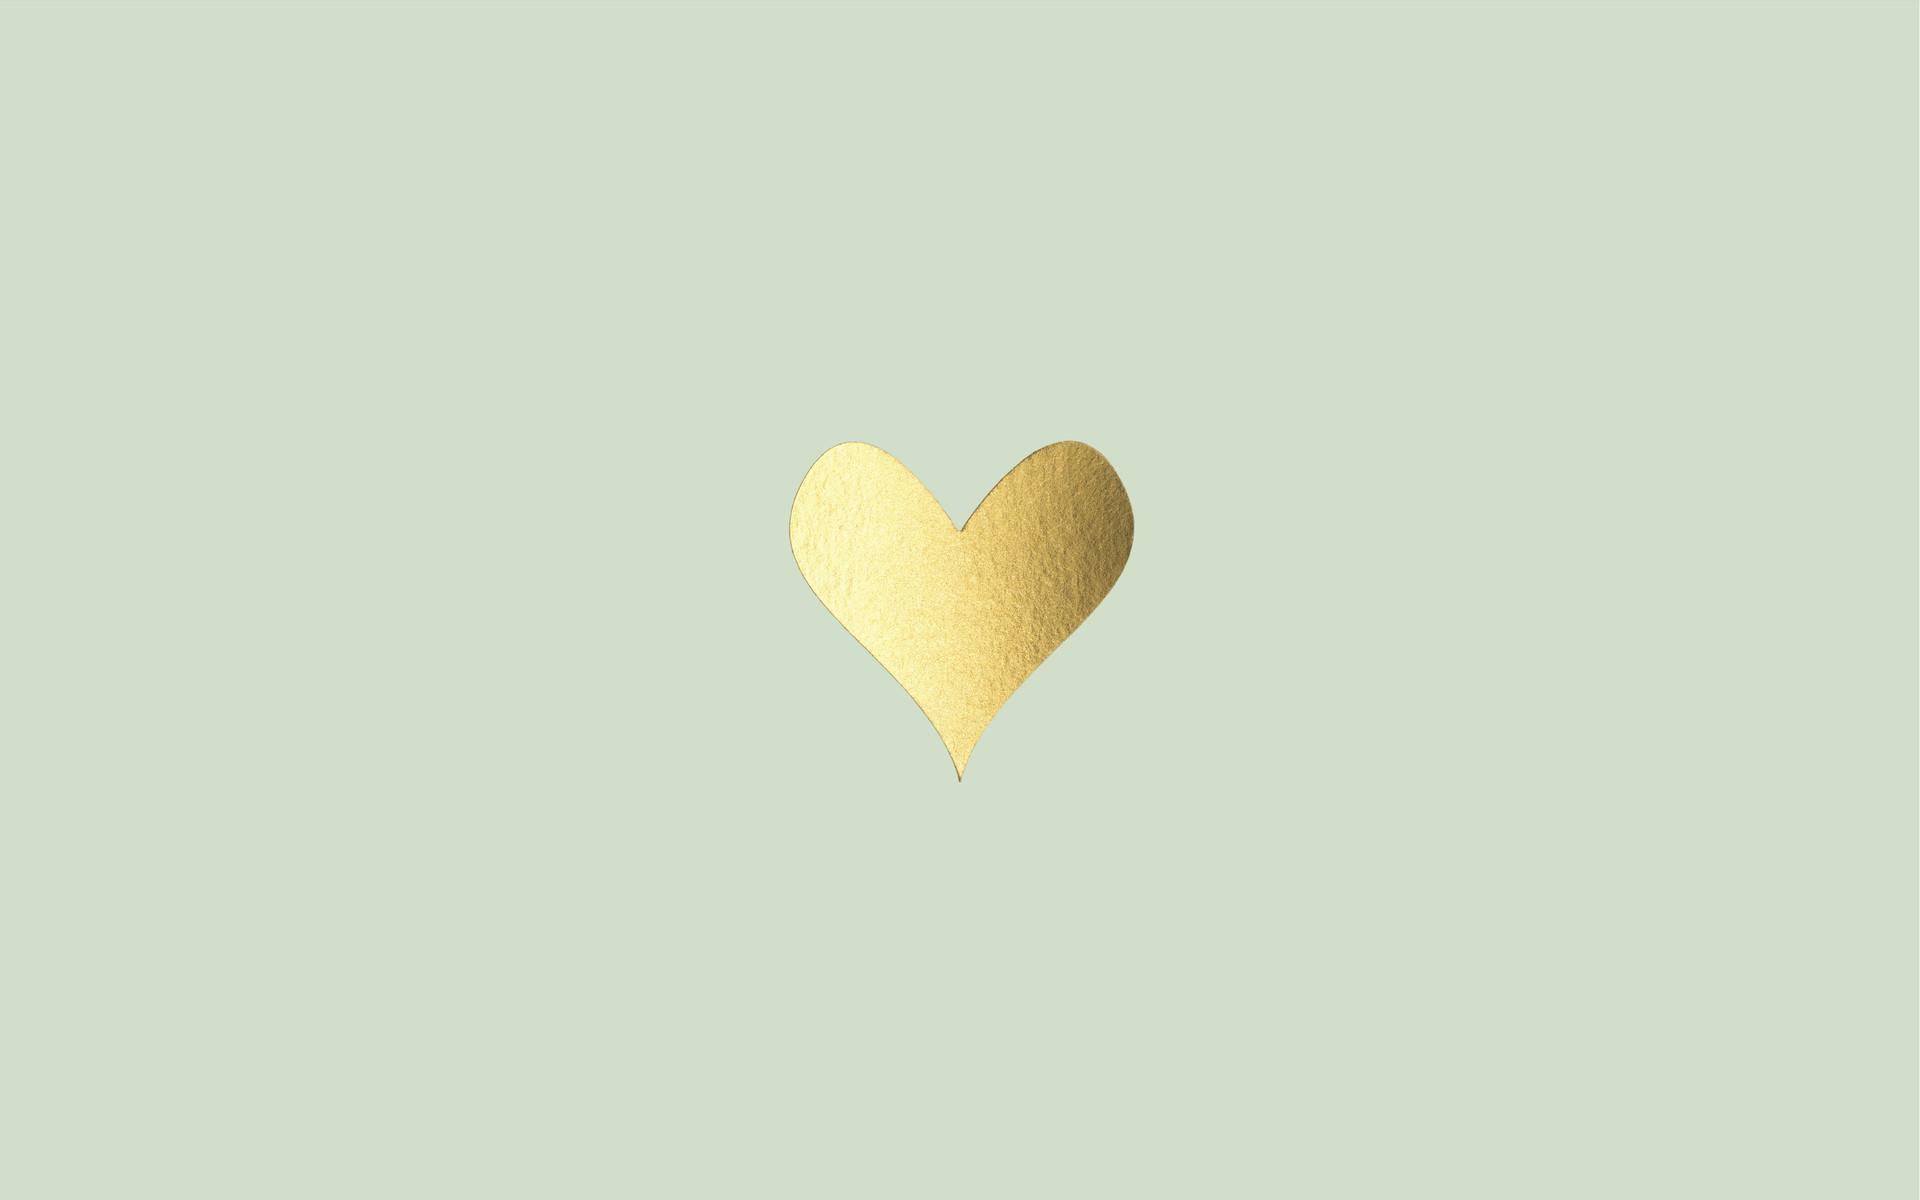 11_Gold_Heart_mint_jpg_1920x1200_crop-center_q85.PNG 1.920×1.200 Pixel